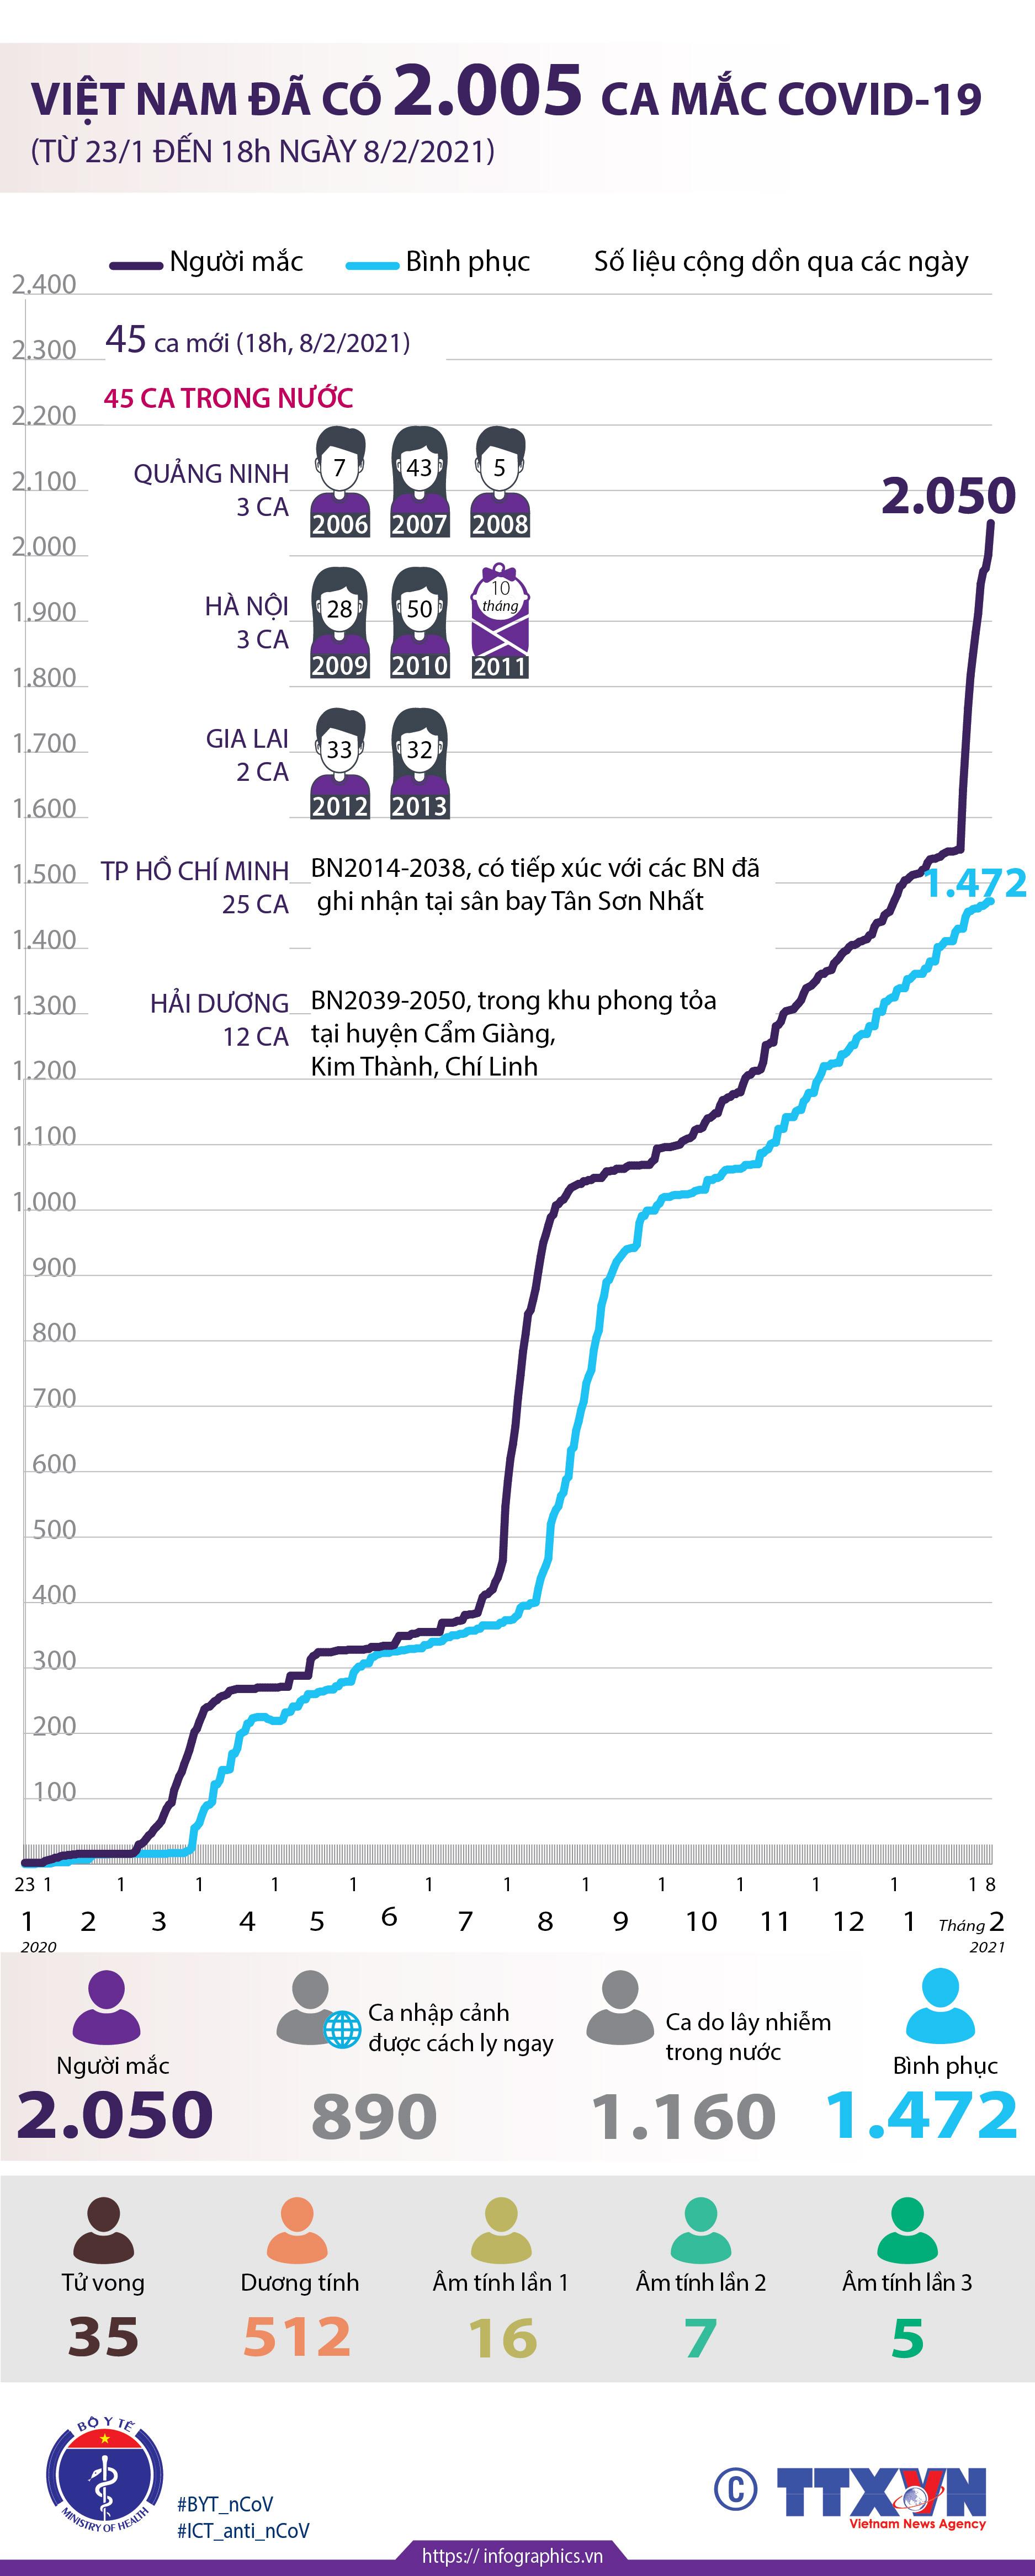 Việt Nam đã có 2.050 ca mắc COVID-19 (từ 23/1/2020 đến 18h ngày 8/2/2021) - Ảnh 1